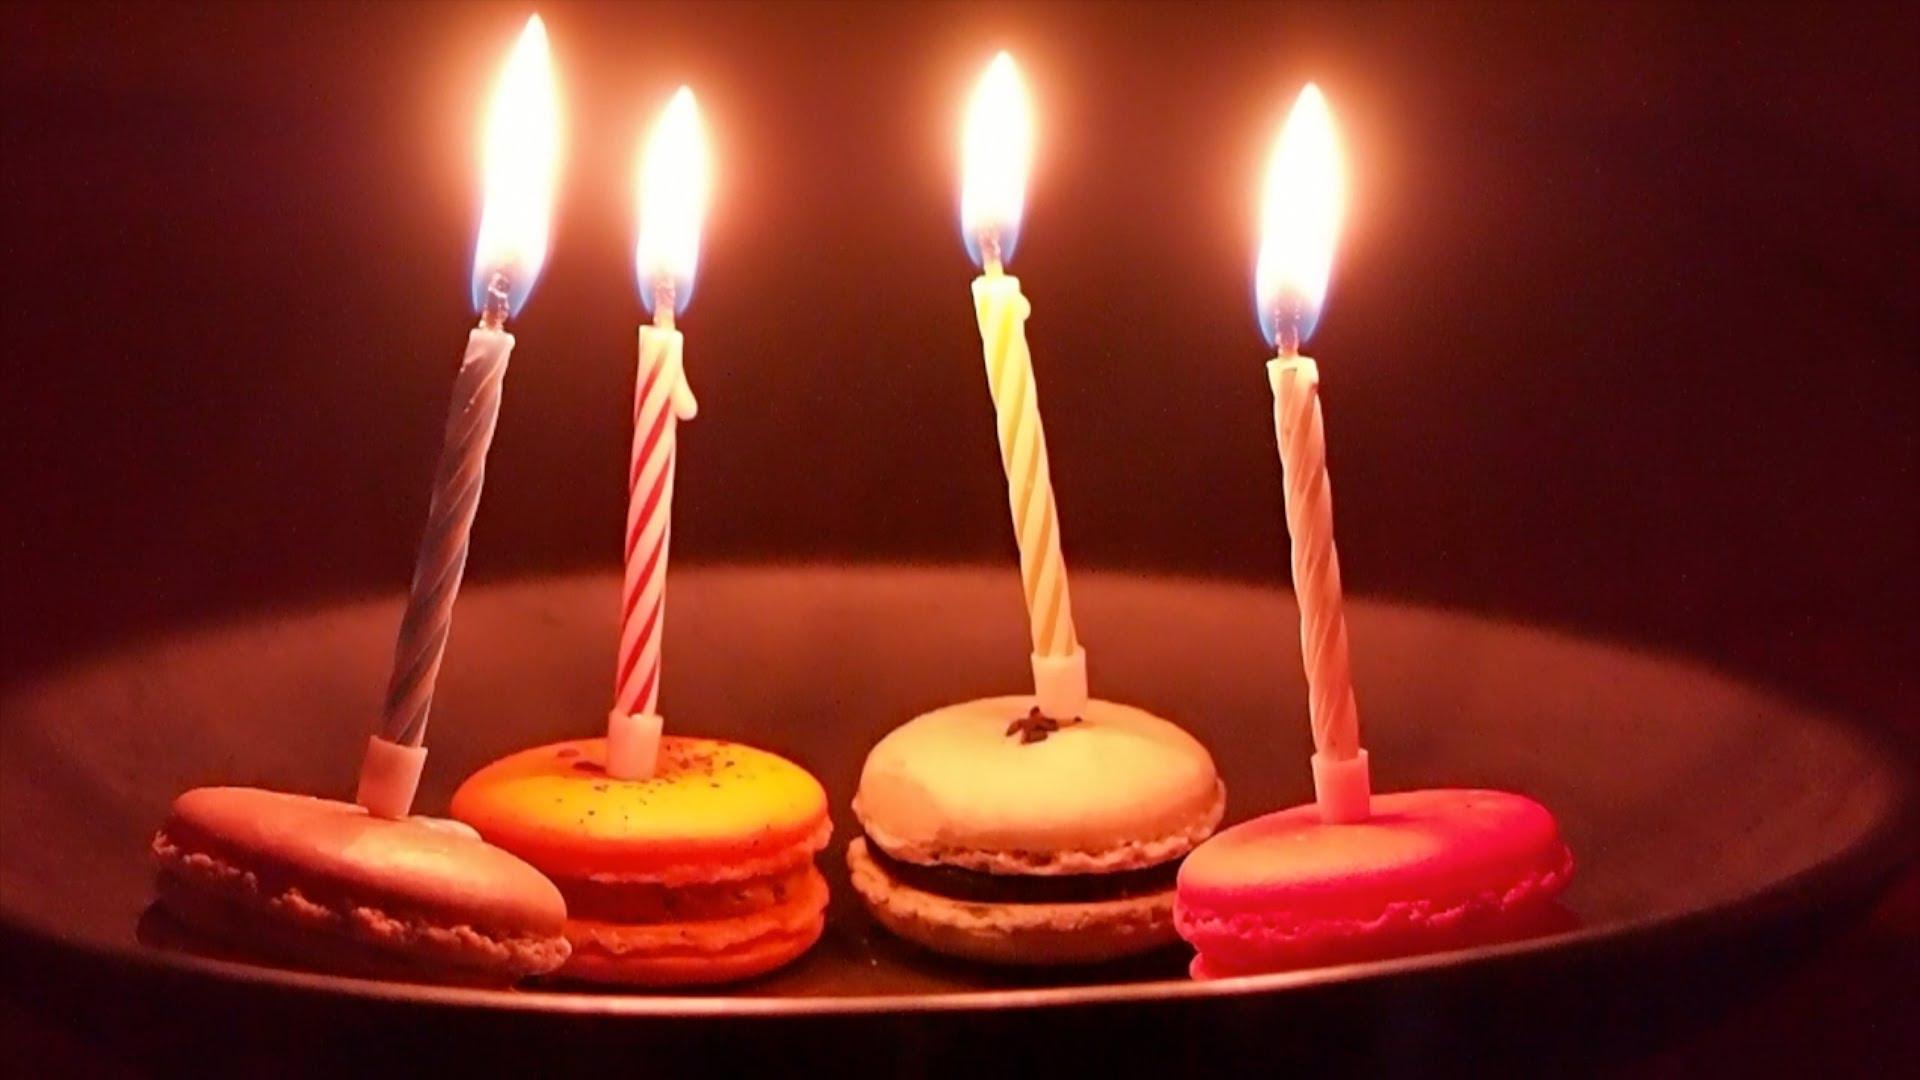 свечи для тортов фото нашем